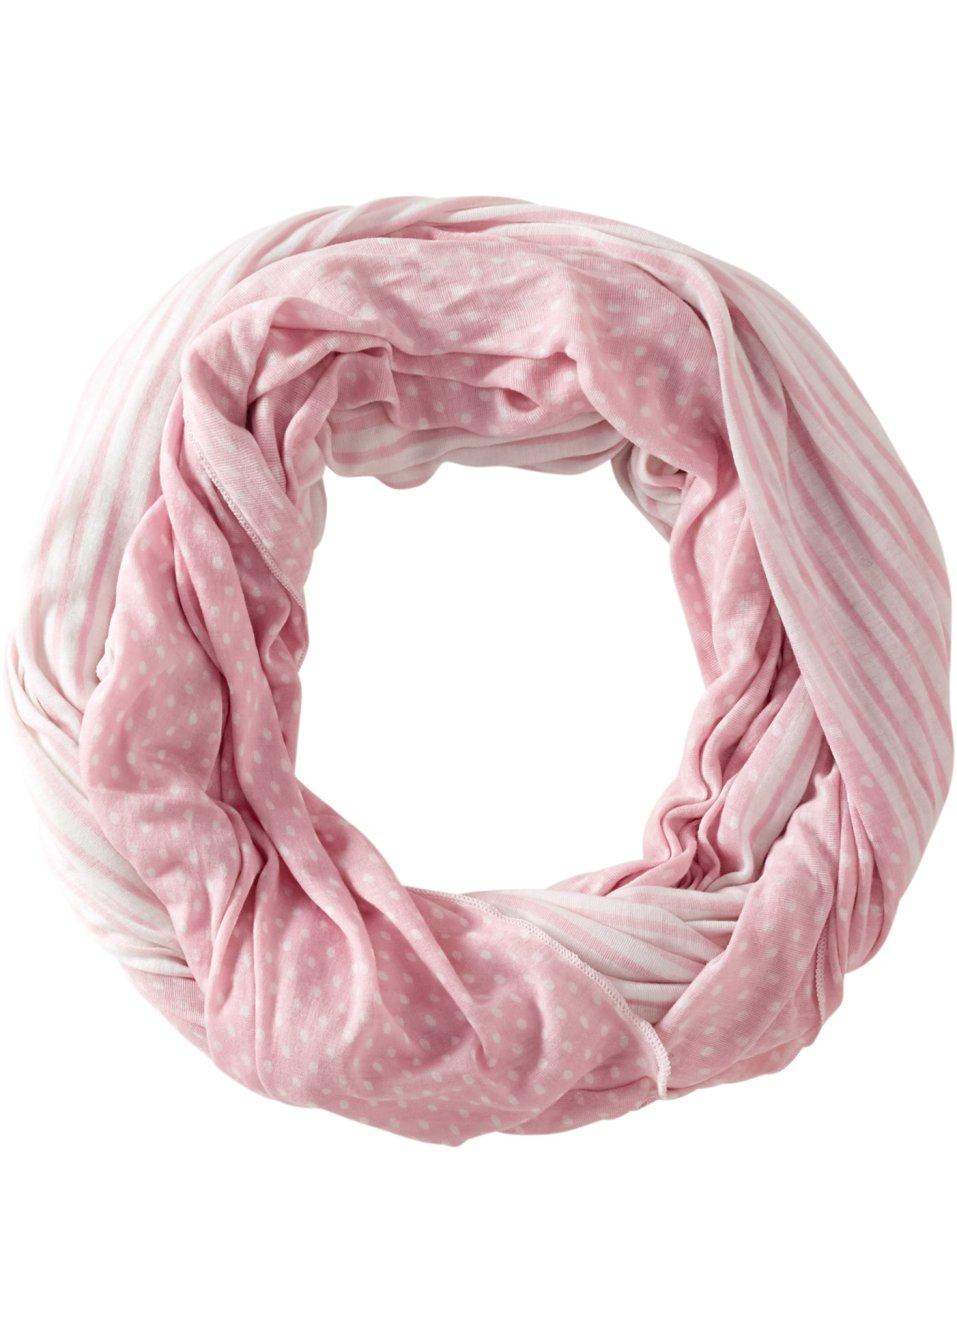 charpe tube rose blanc femme. Black Bedroom Furniture Sets. Home Design Ideas